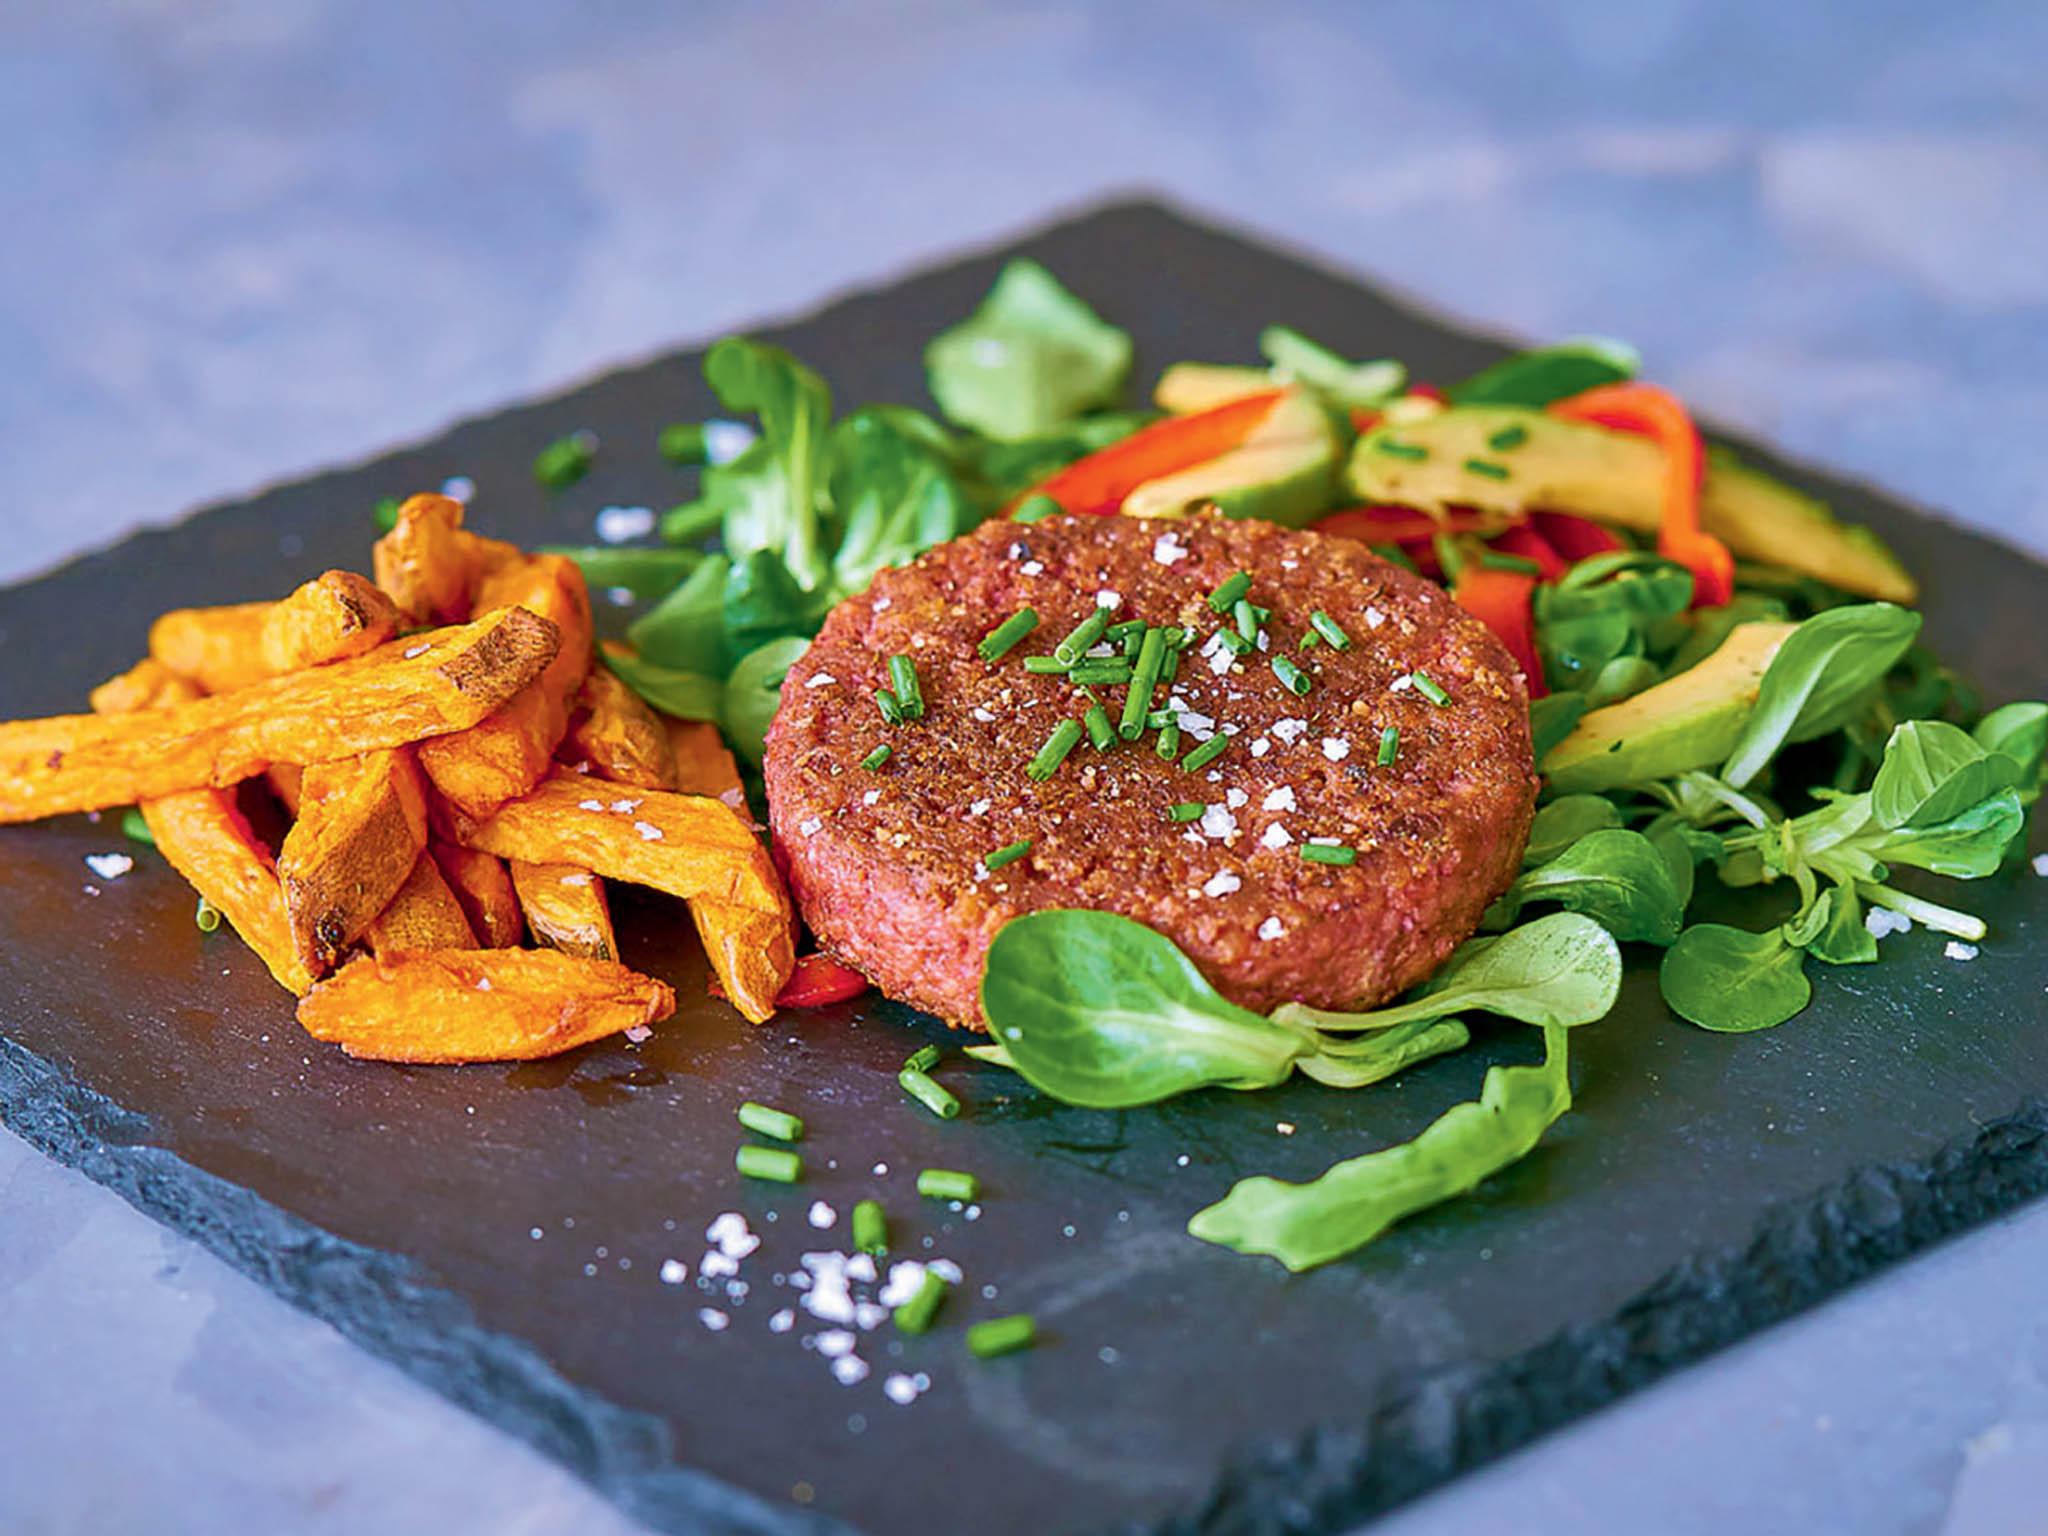 Mana se kromě nápoje veformě prášku posunula ikvýrobě rostlinných burgerů. Během koronavirové krize dodala tisíce nápojů zdravotníkům doprvní linie.